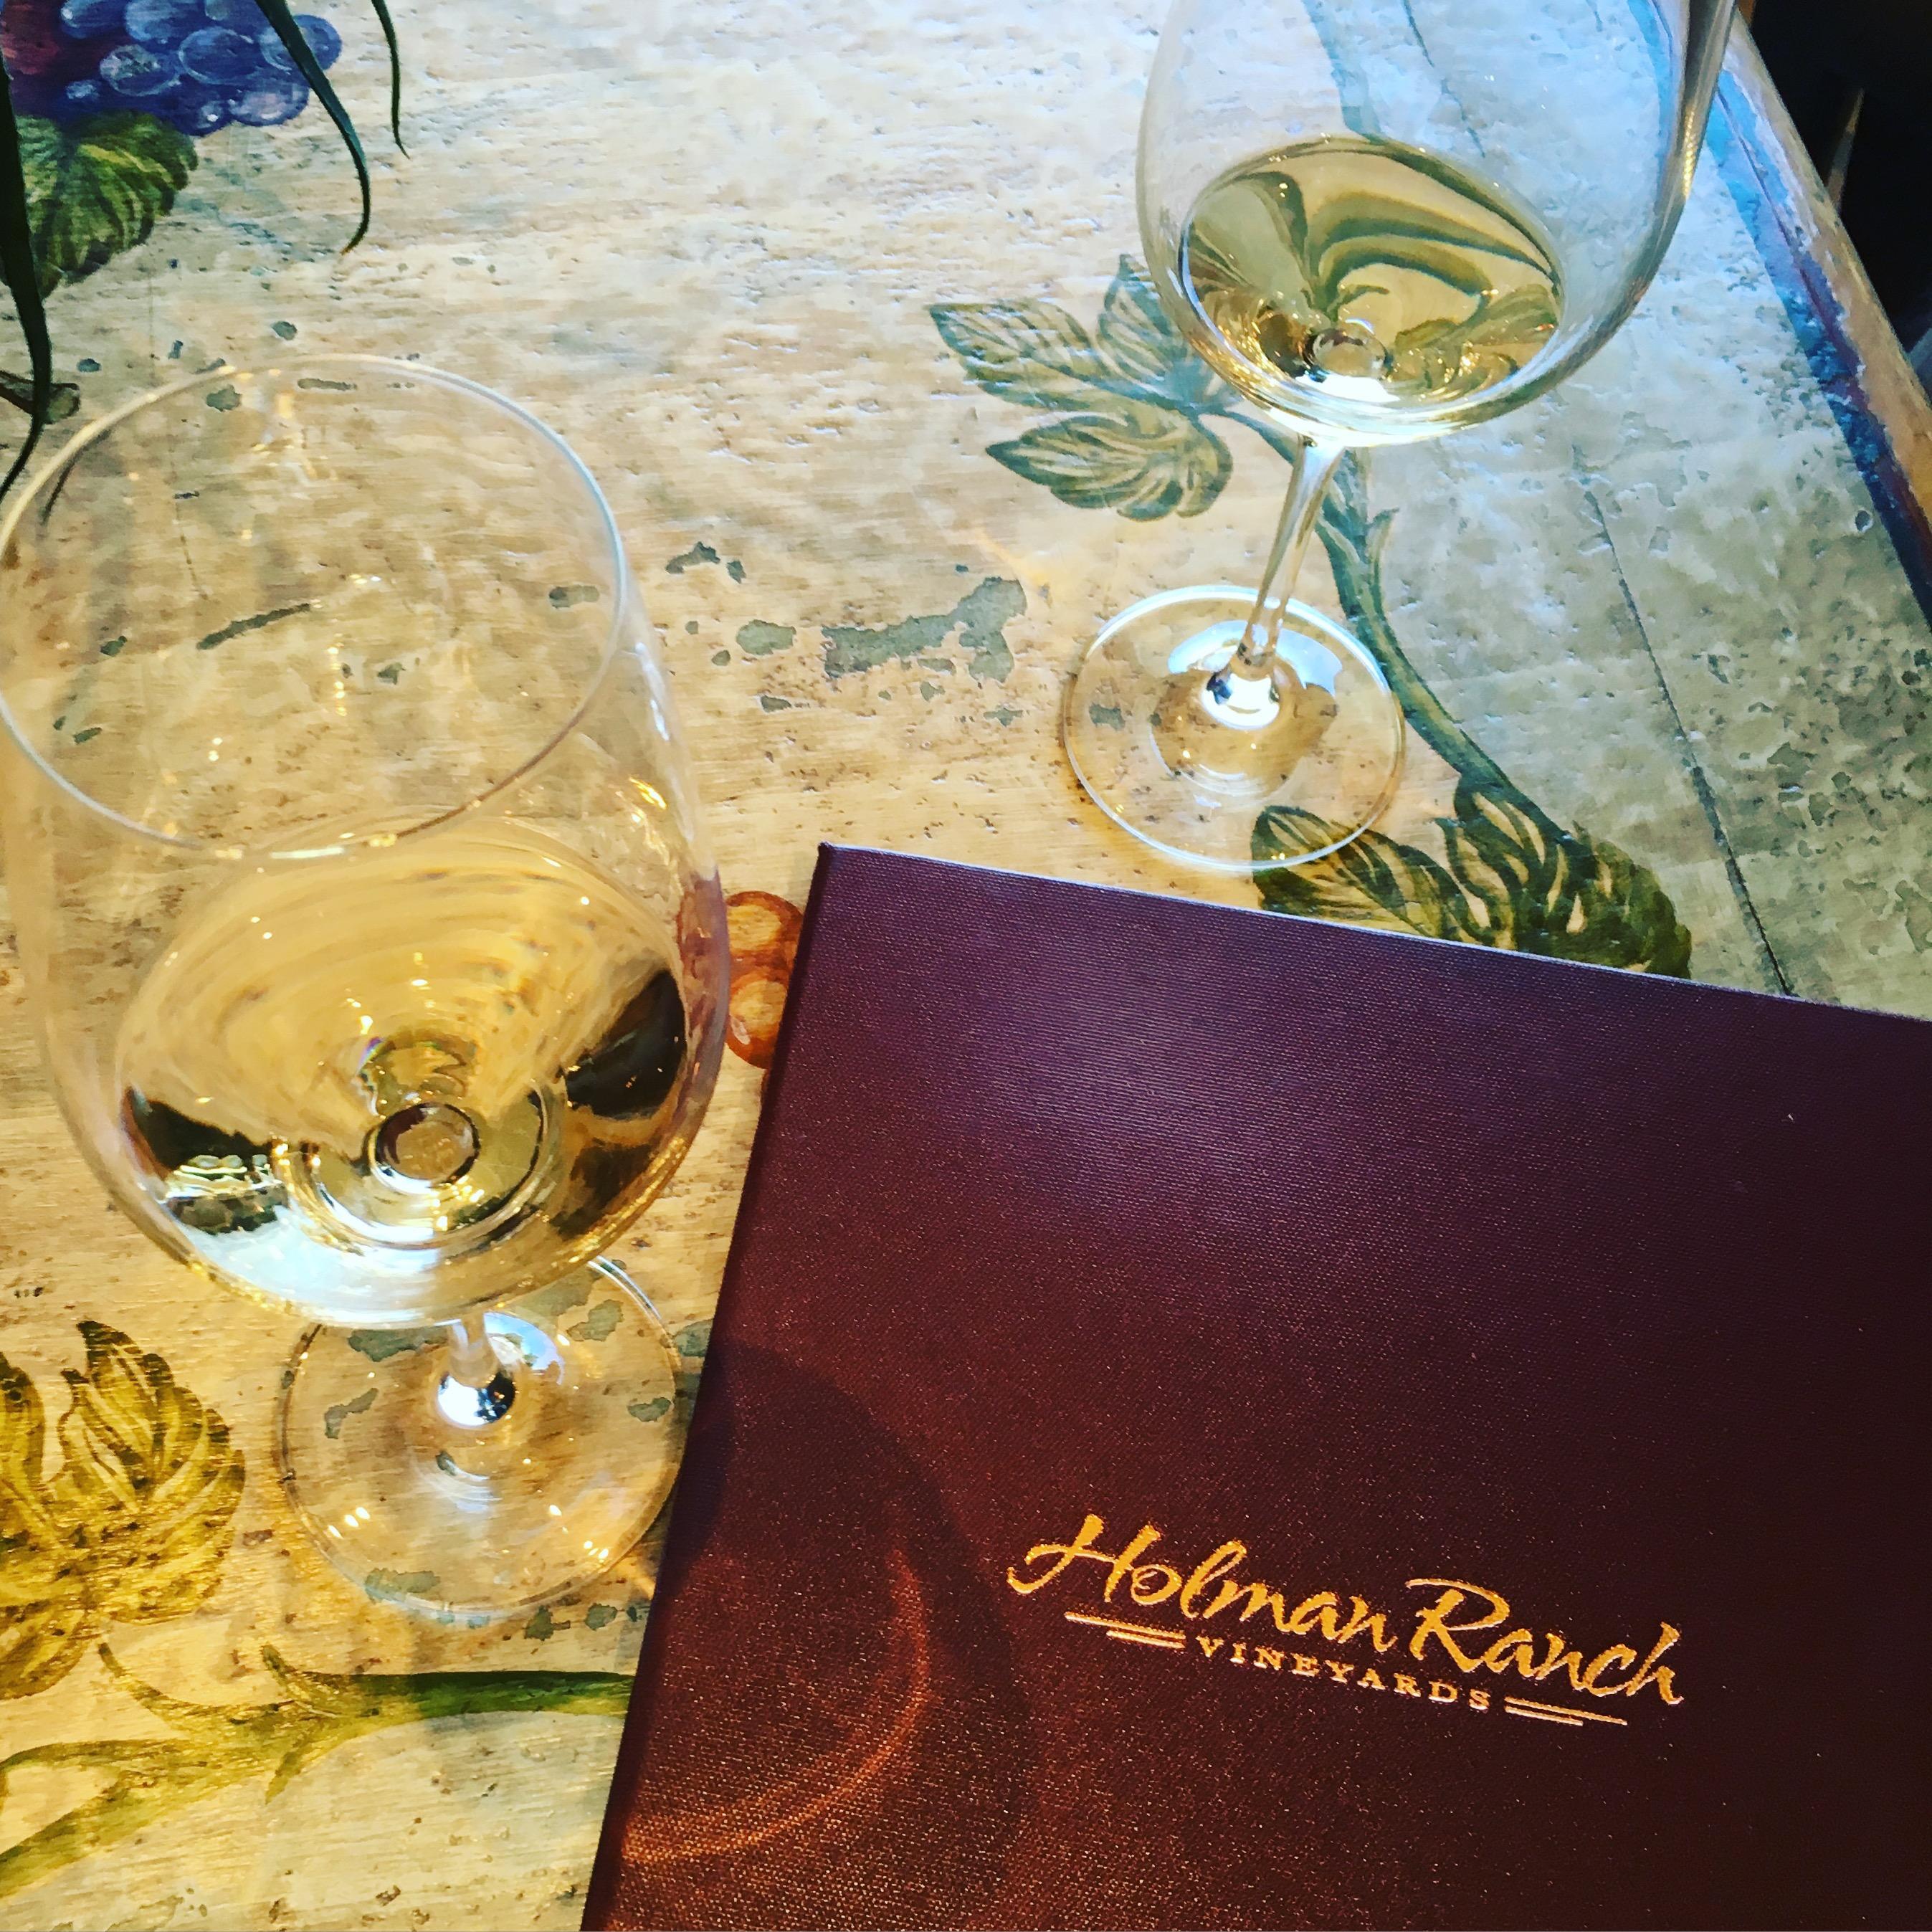 Holman Ranch Tasting Room in Camel Valley